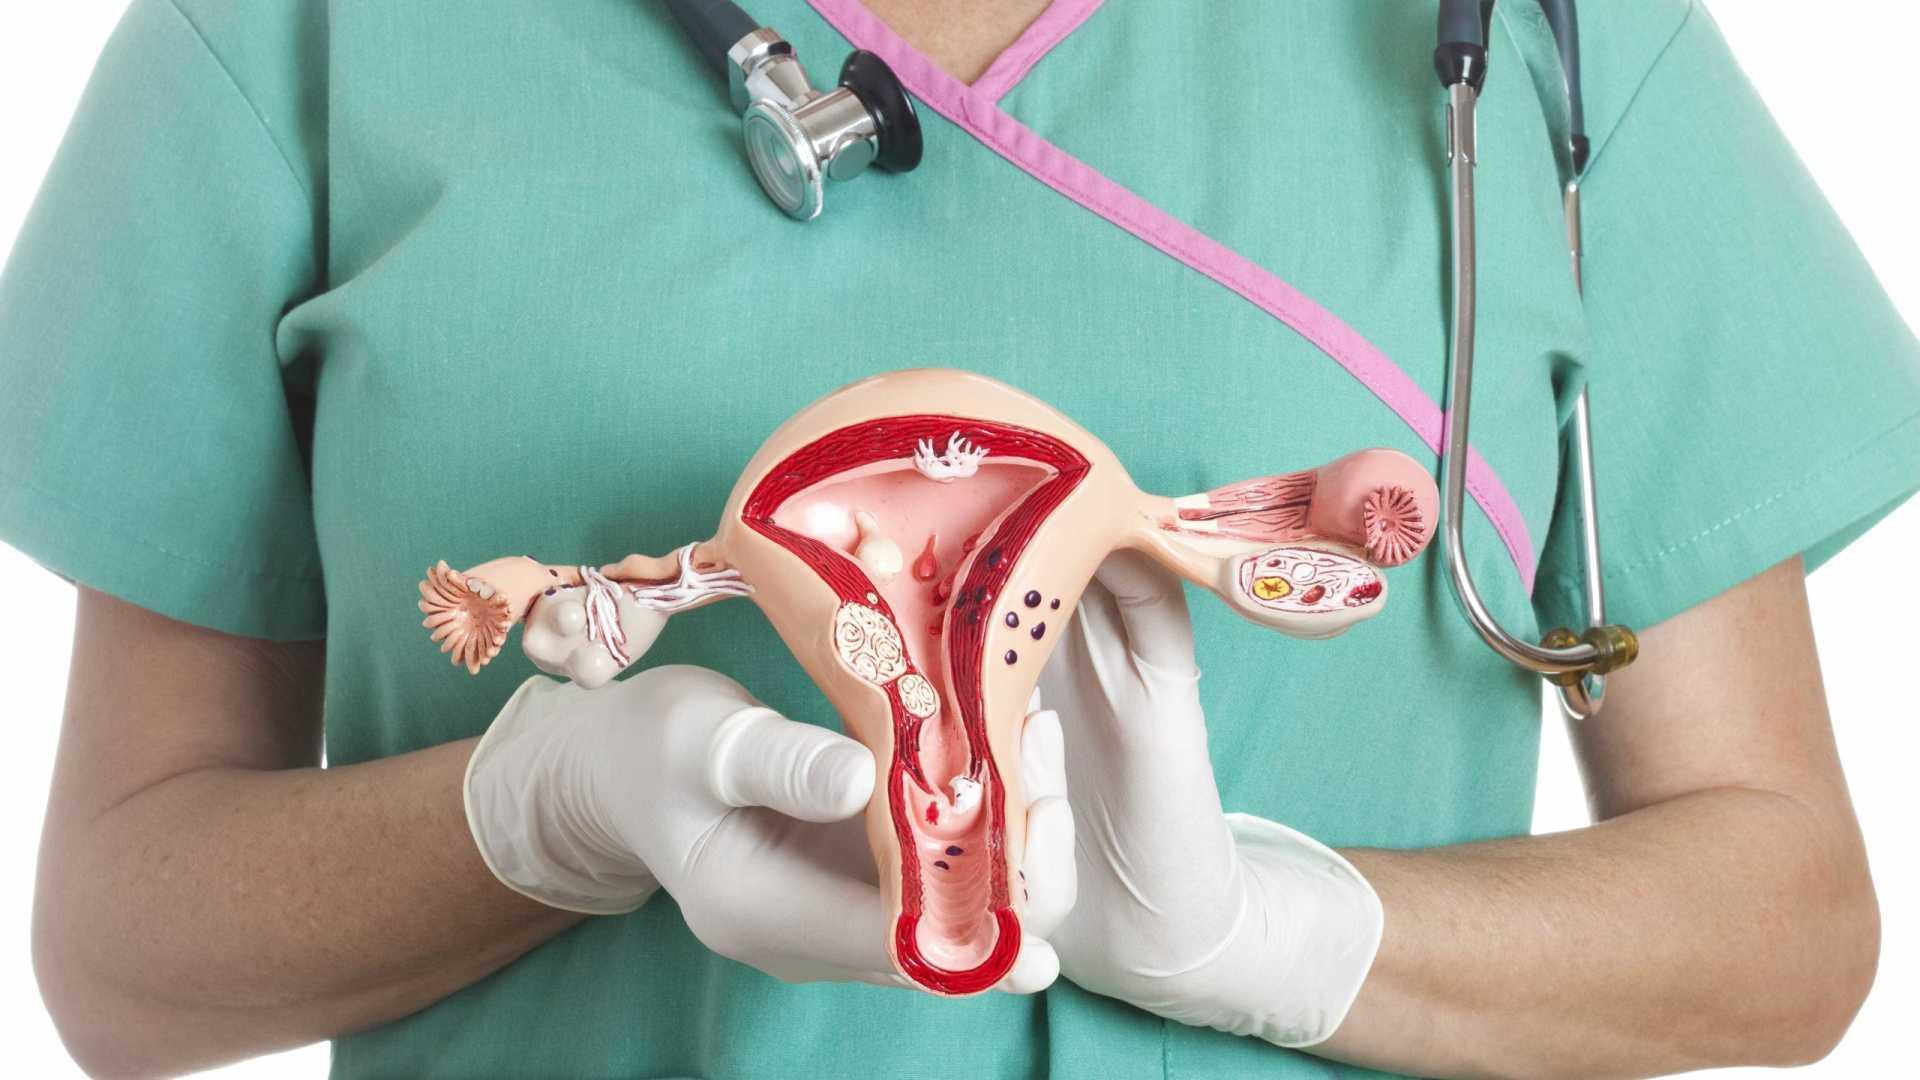 médico segurando modelo de aparelho reprodutor para explicar a gravidez nas trompas.